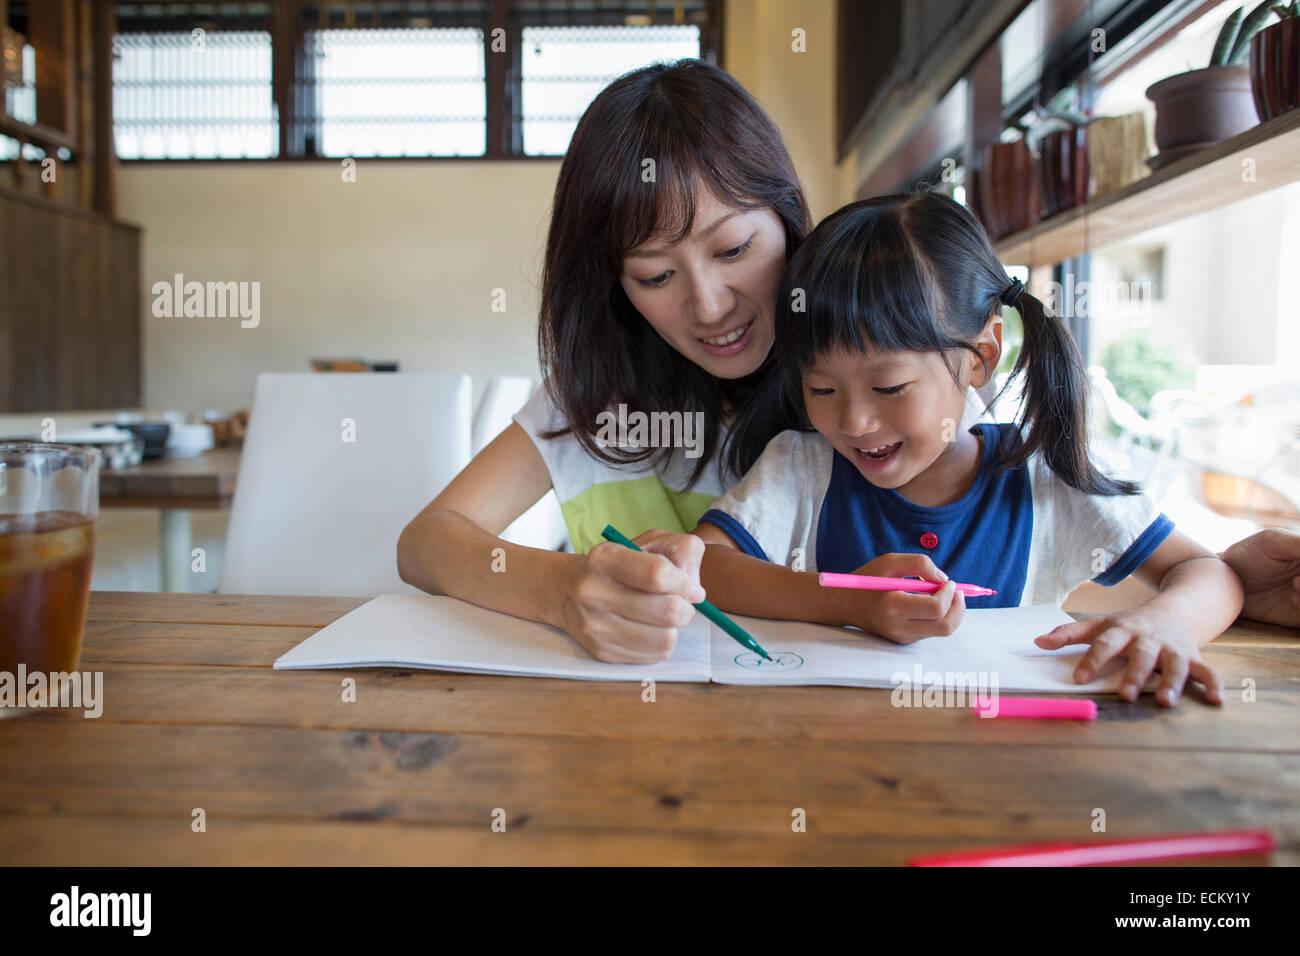 La mère et la fille assis à une table, dessin avec feutres, souriant. Photo Stock